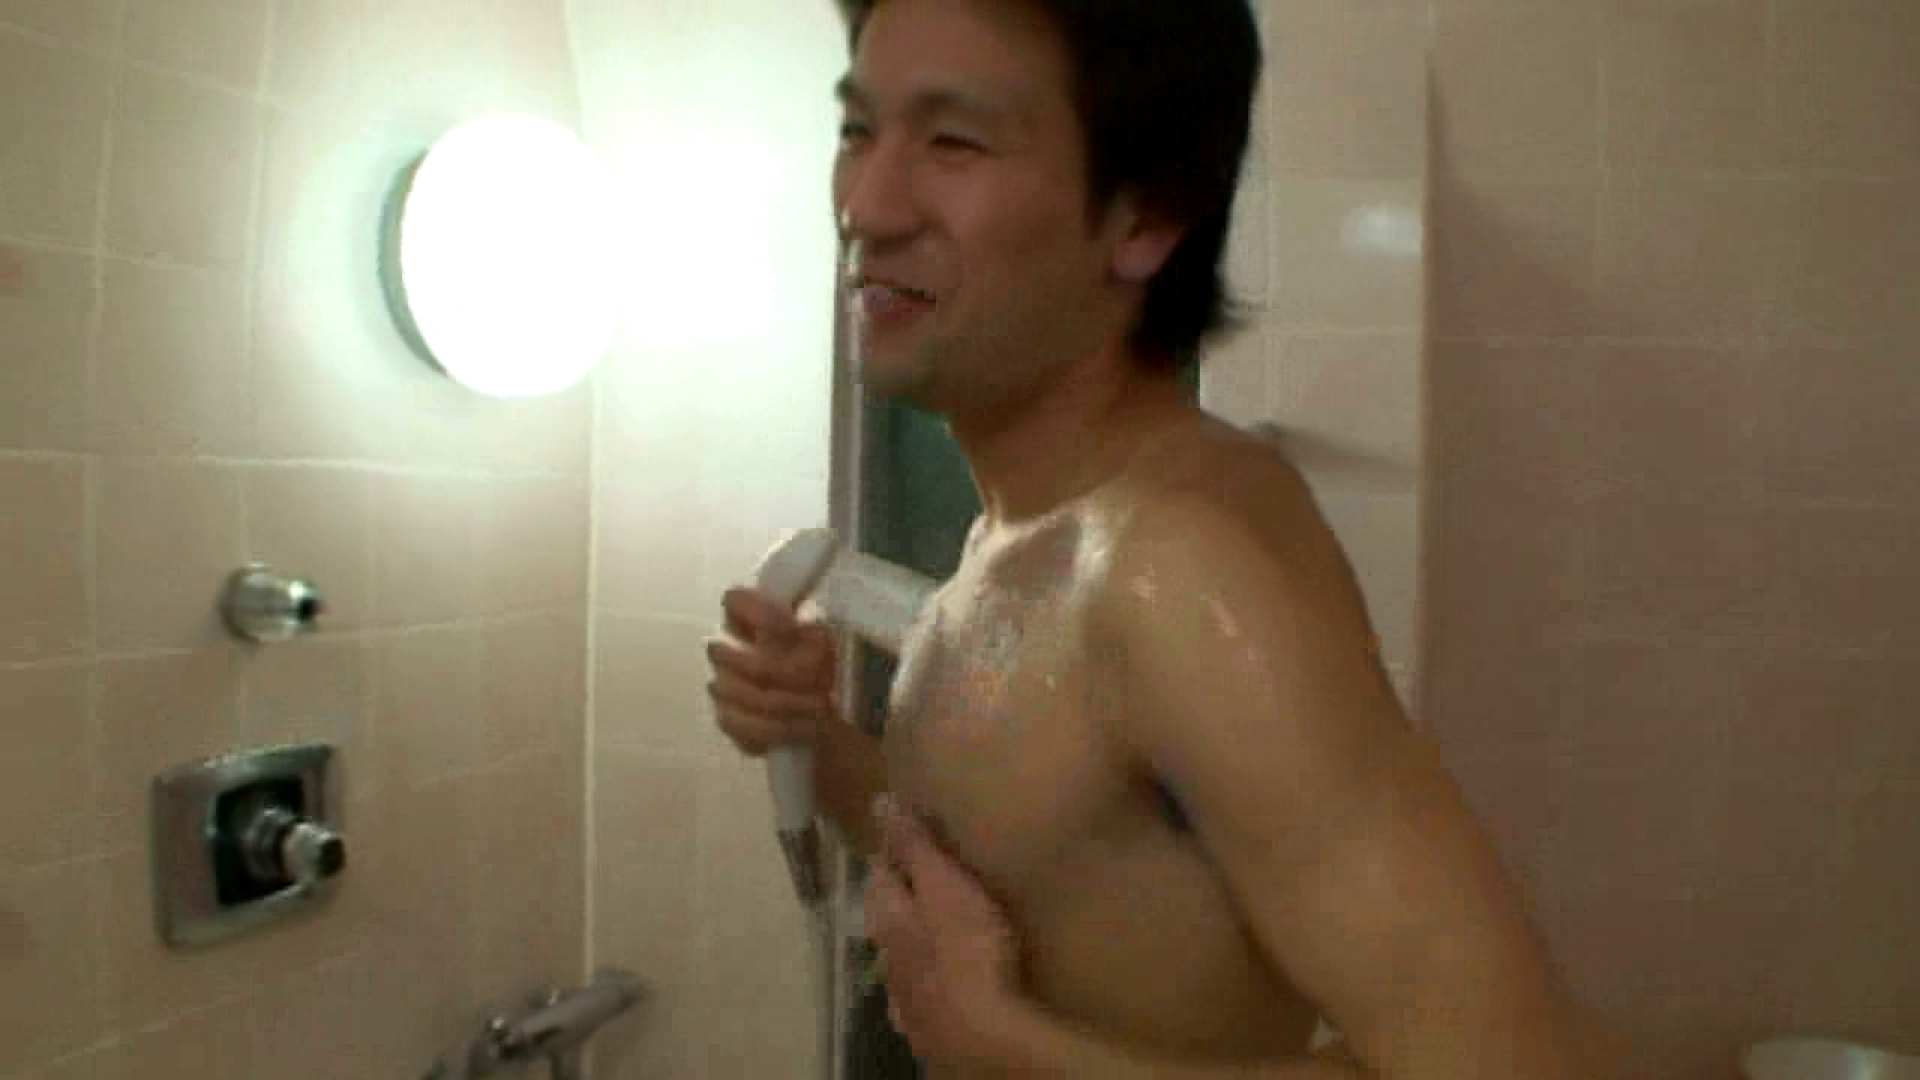 ノンケ!自慰スタジオ No.22 ゲイの自慰 ゲイエロ動画 95pic 62